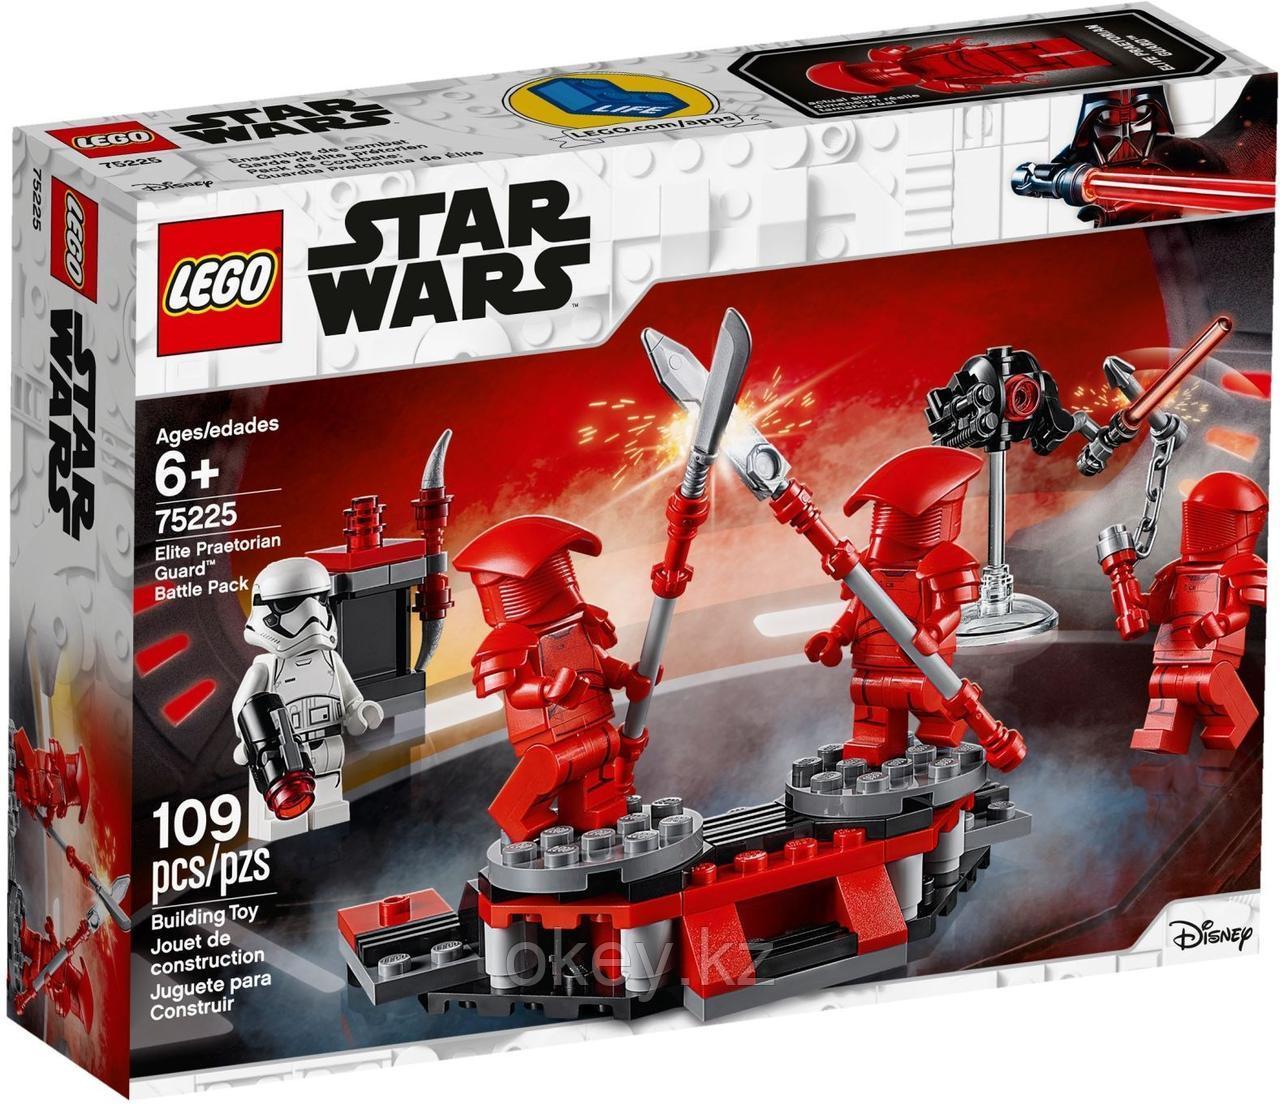 LEGO Star Wars: Боевой набор Элитной преторианской гвардии 75225